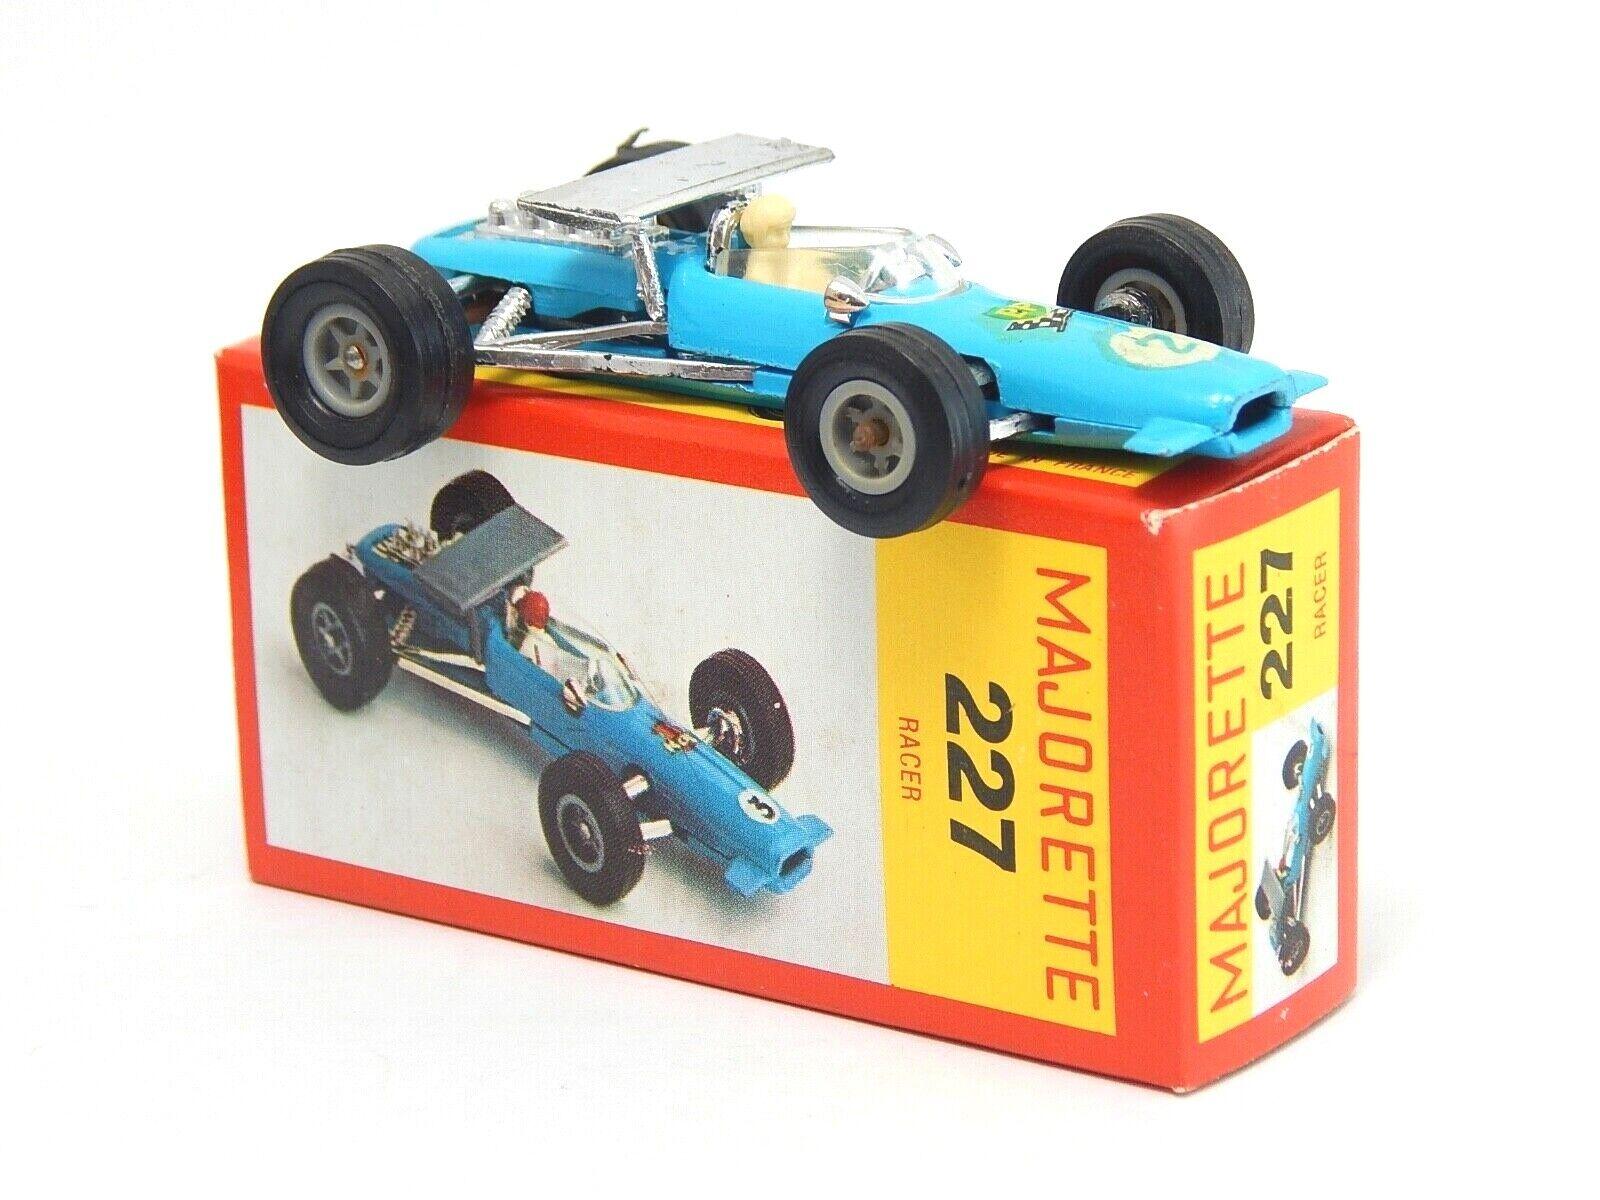 Racing voiture Racer Lotus bleu  2  Majorette 227 1 65 Made in France Paper Box RARE  obtenir la dernière